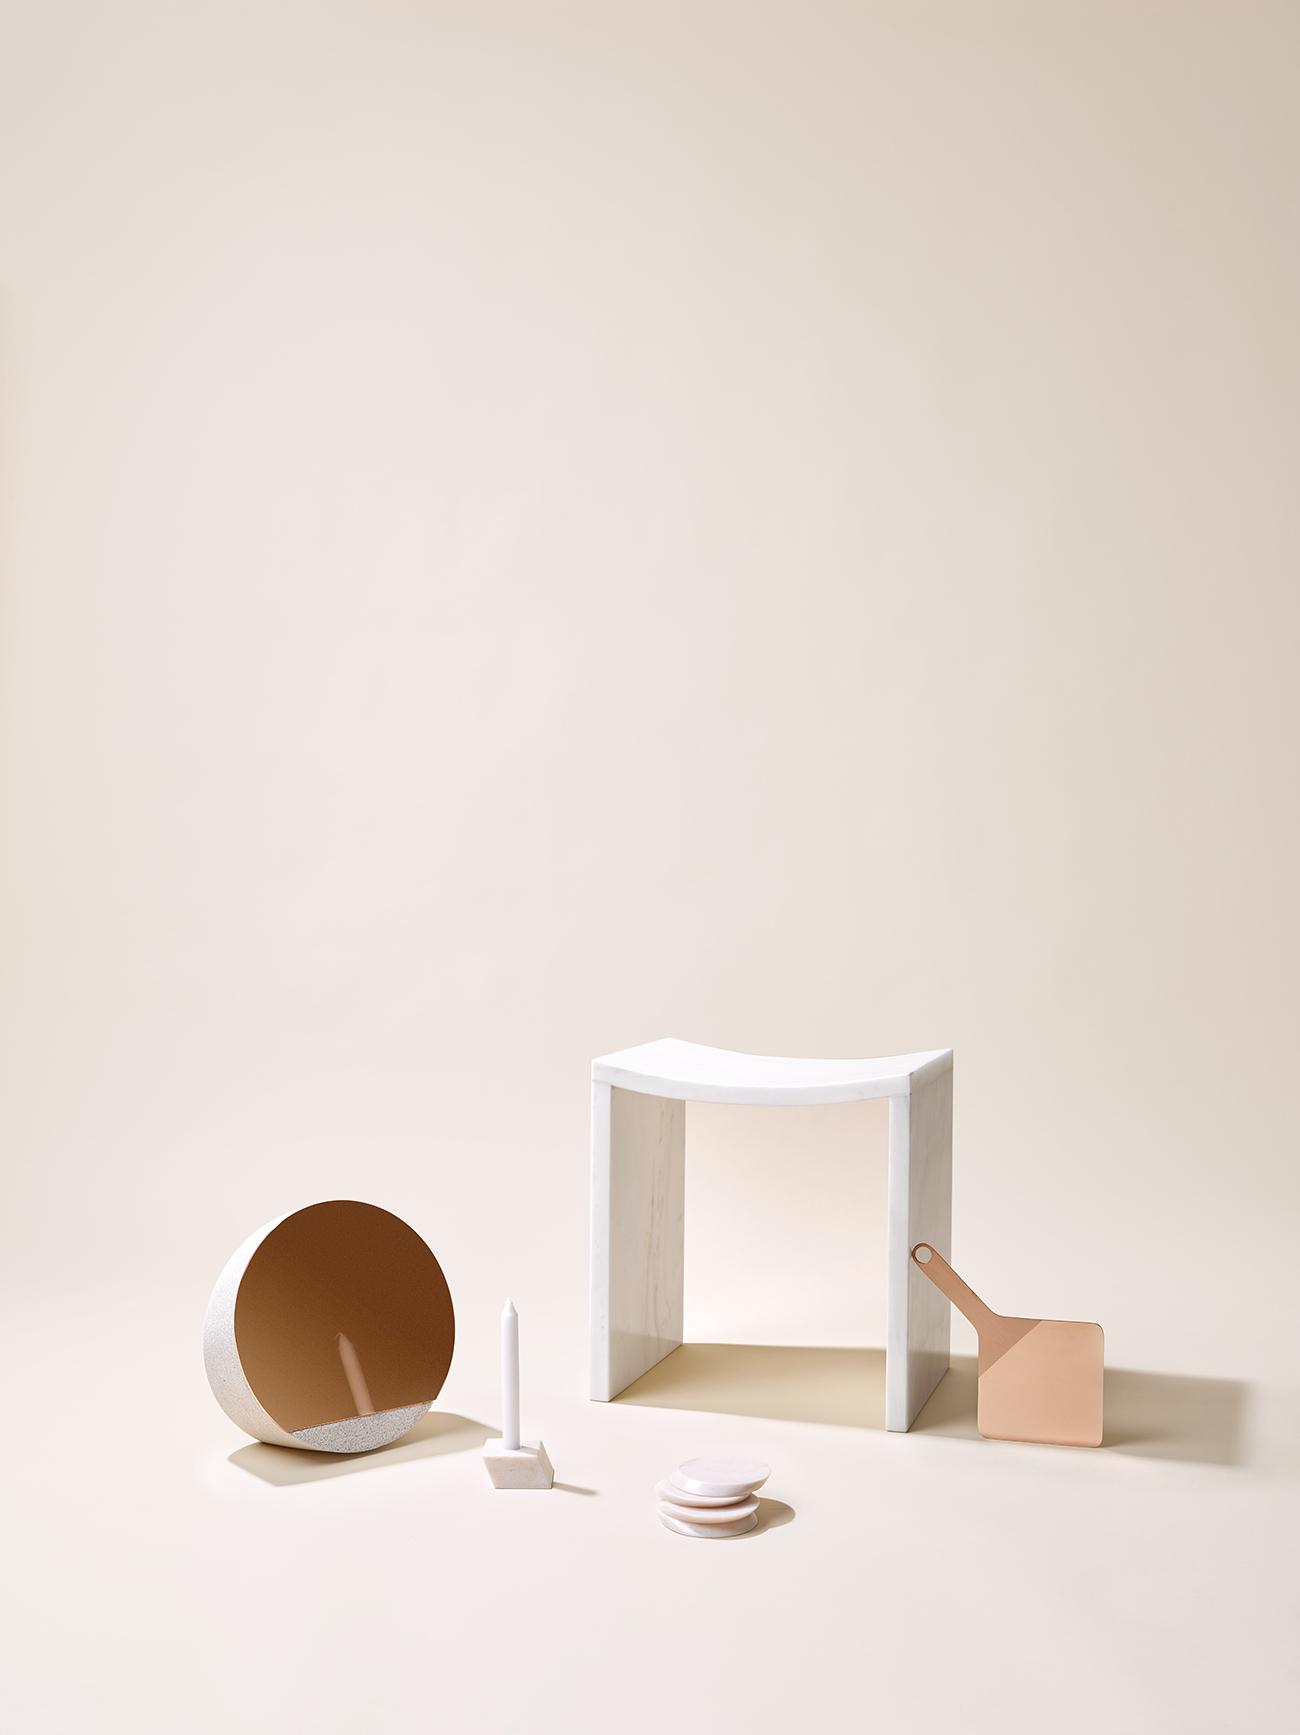 Intervista al duo di designer e architetti di OBJECT OF COMMON INTEREST | Collater.al 5